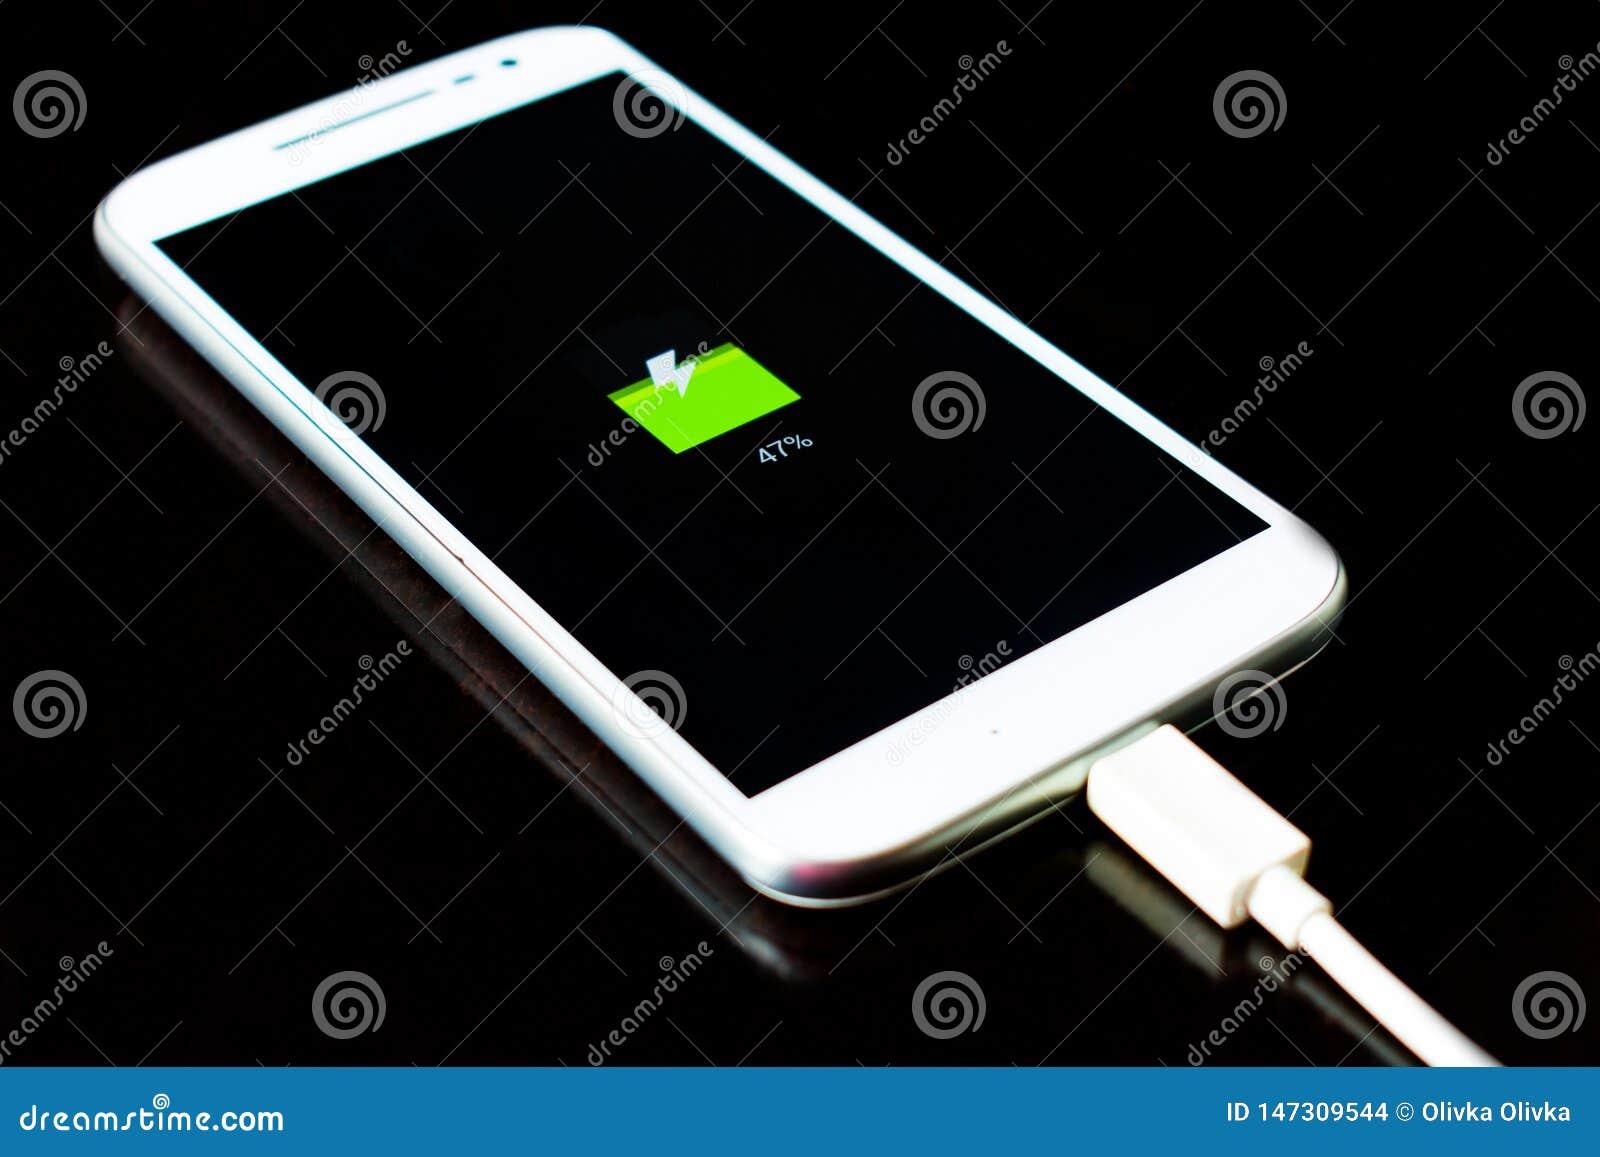 De mobiele telefoon laadt op een zwarte achtergrond